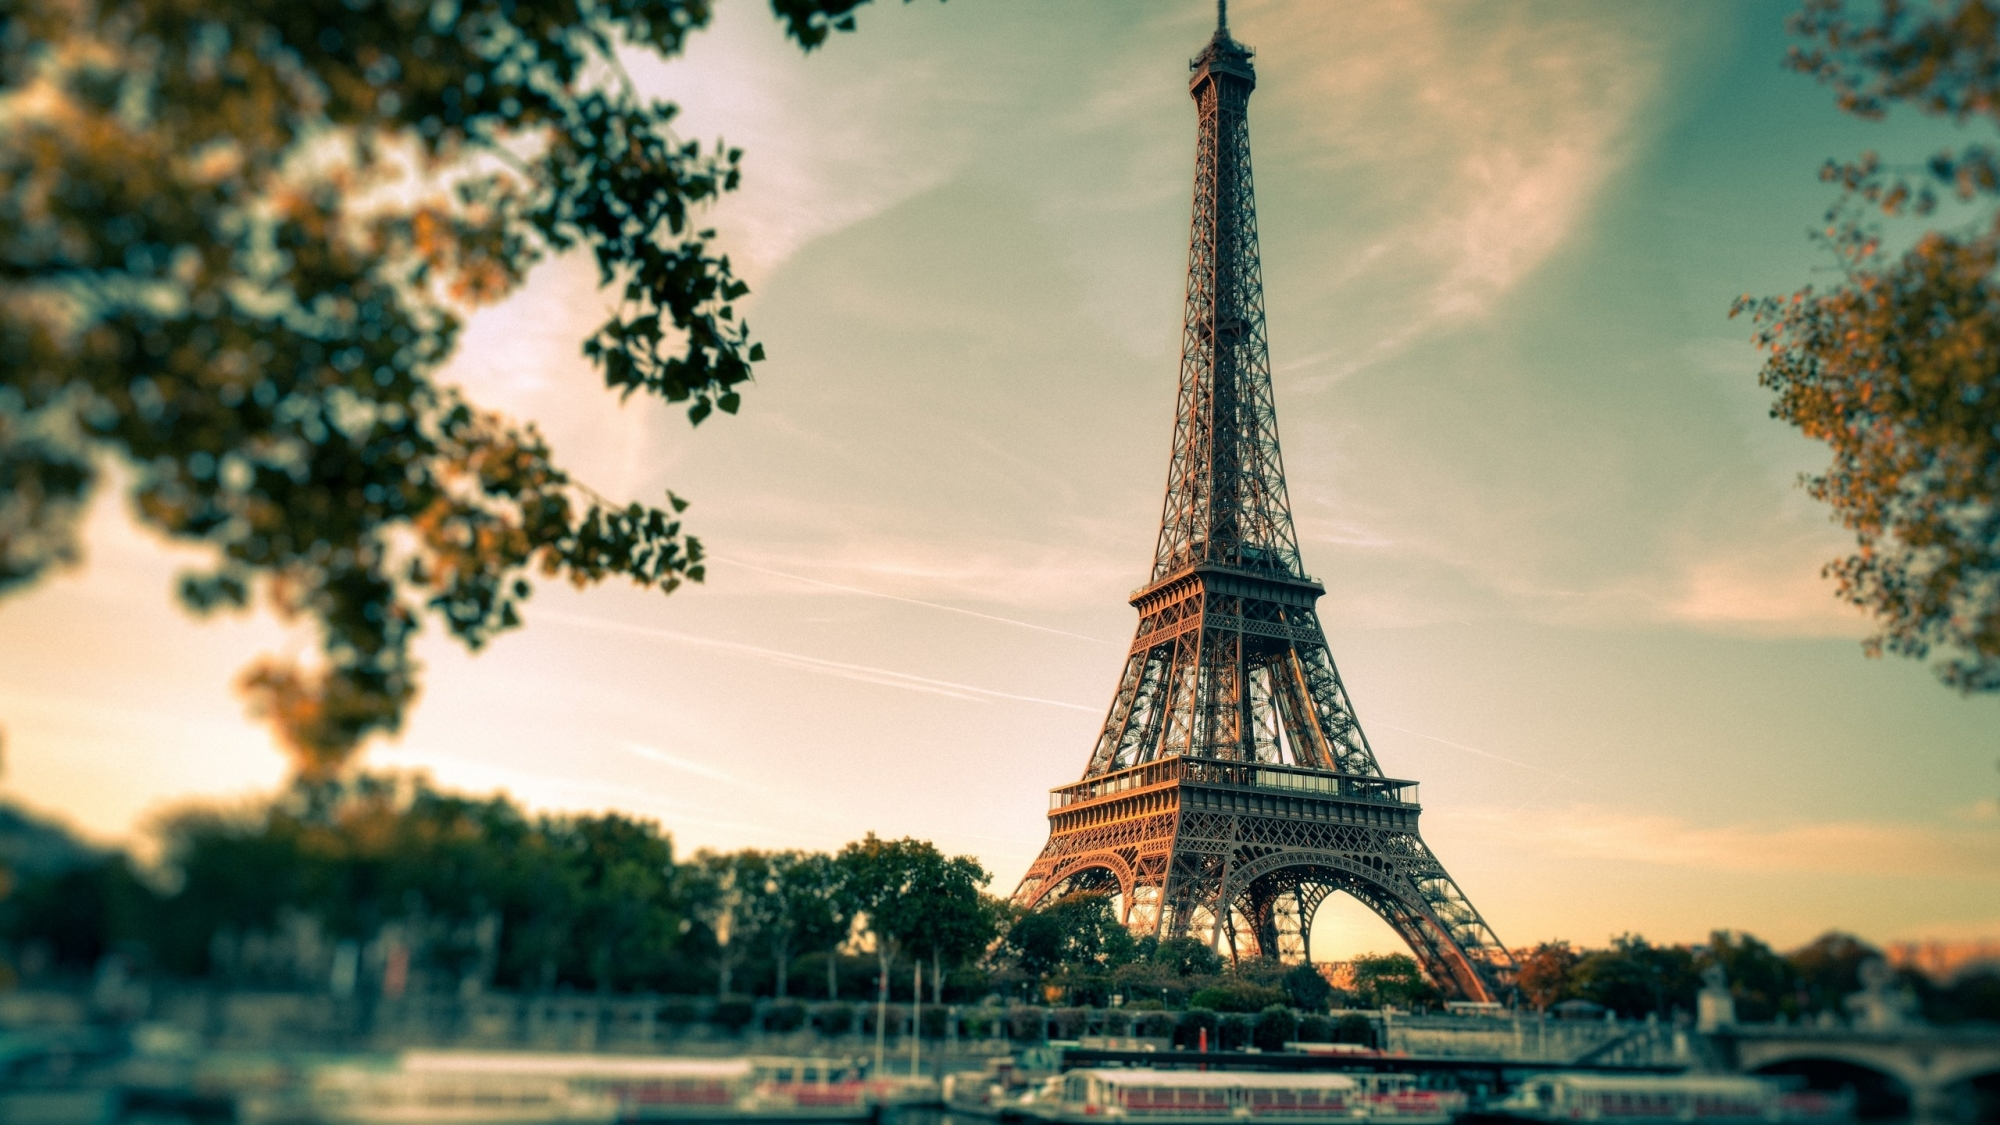 Hành trình khám phá từ Pháp qua Anh